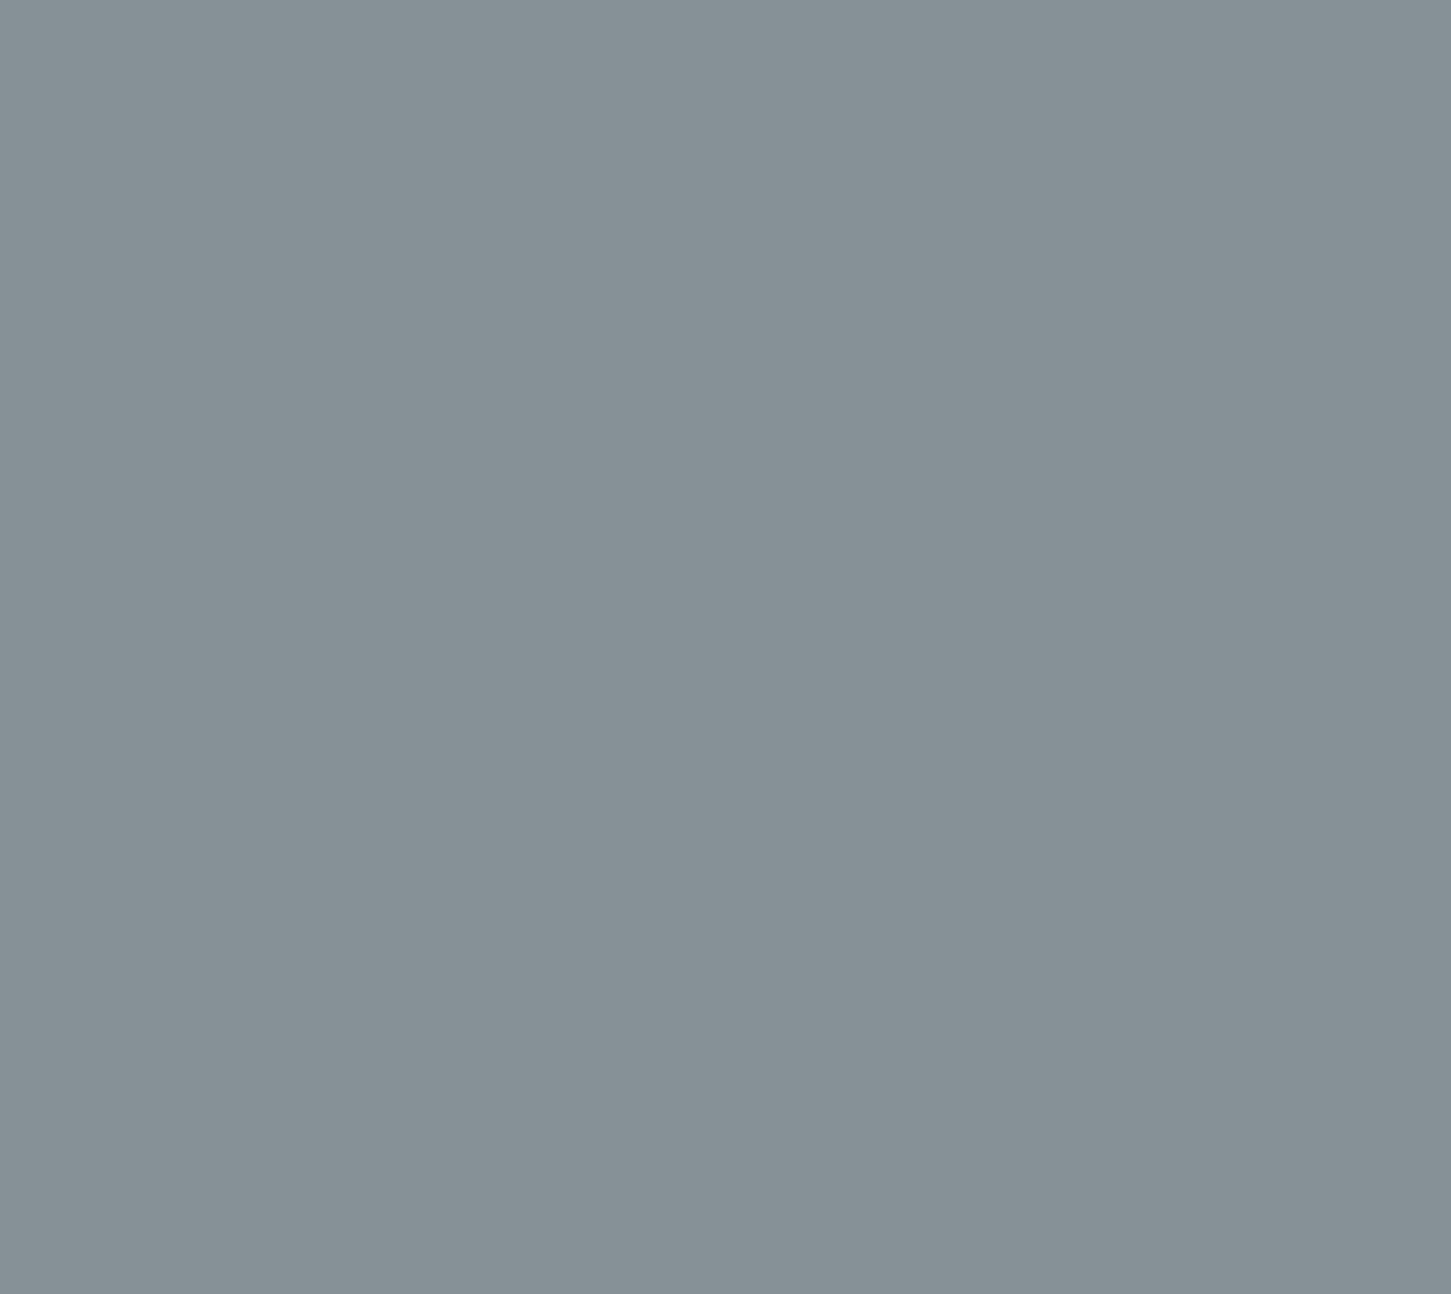 2k epoxidharz bodenbeschichtung komplett set für 25qm ral-farben